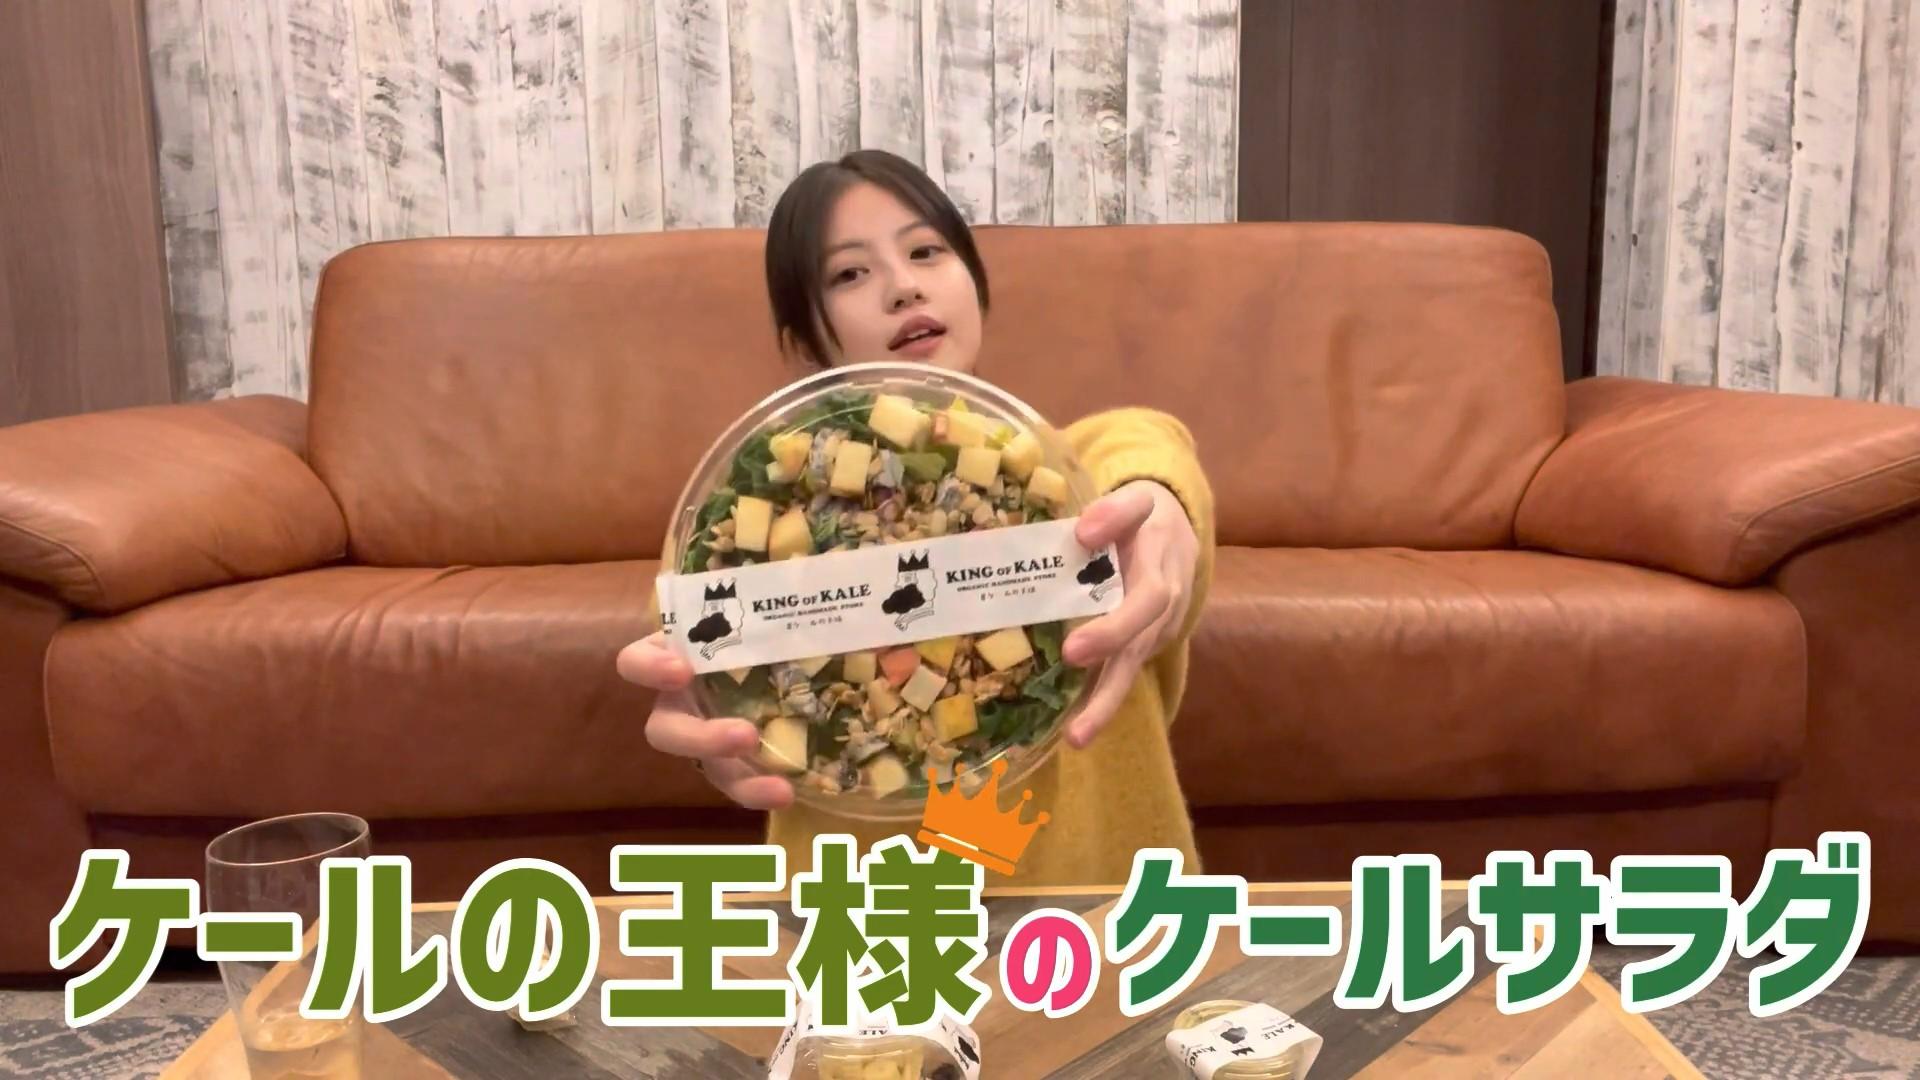 【画像】今田美桜(21)めちゃくちゃくさそうなサラダをペロリ